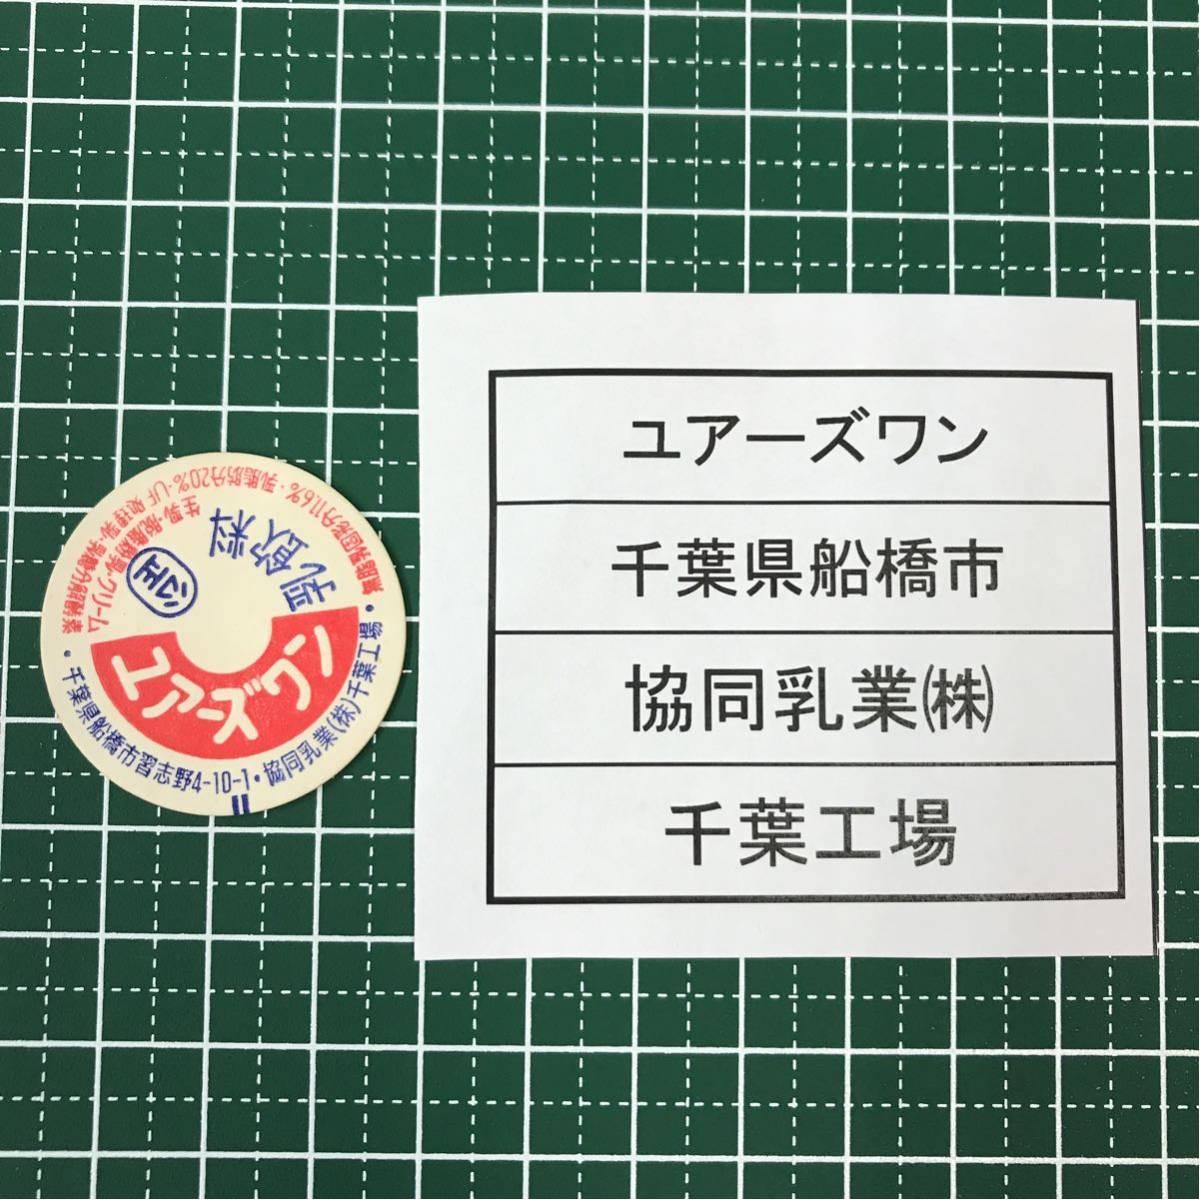 牛乳キャップ 最終出品 千葉県 ユアーズワン アンティーク レア_画像3